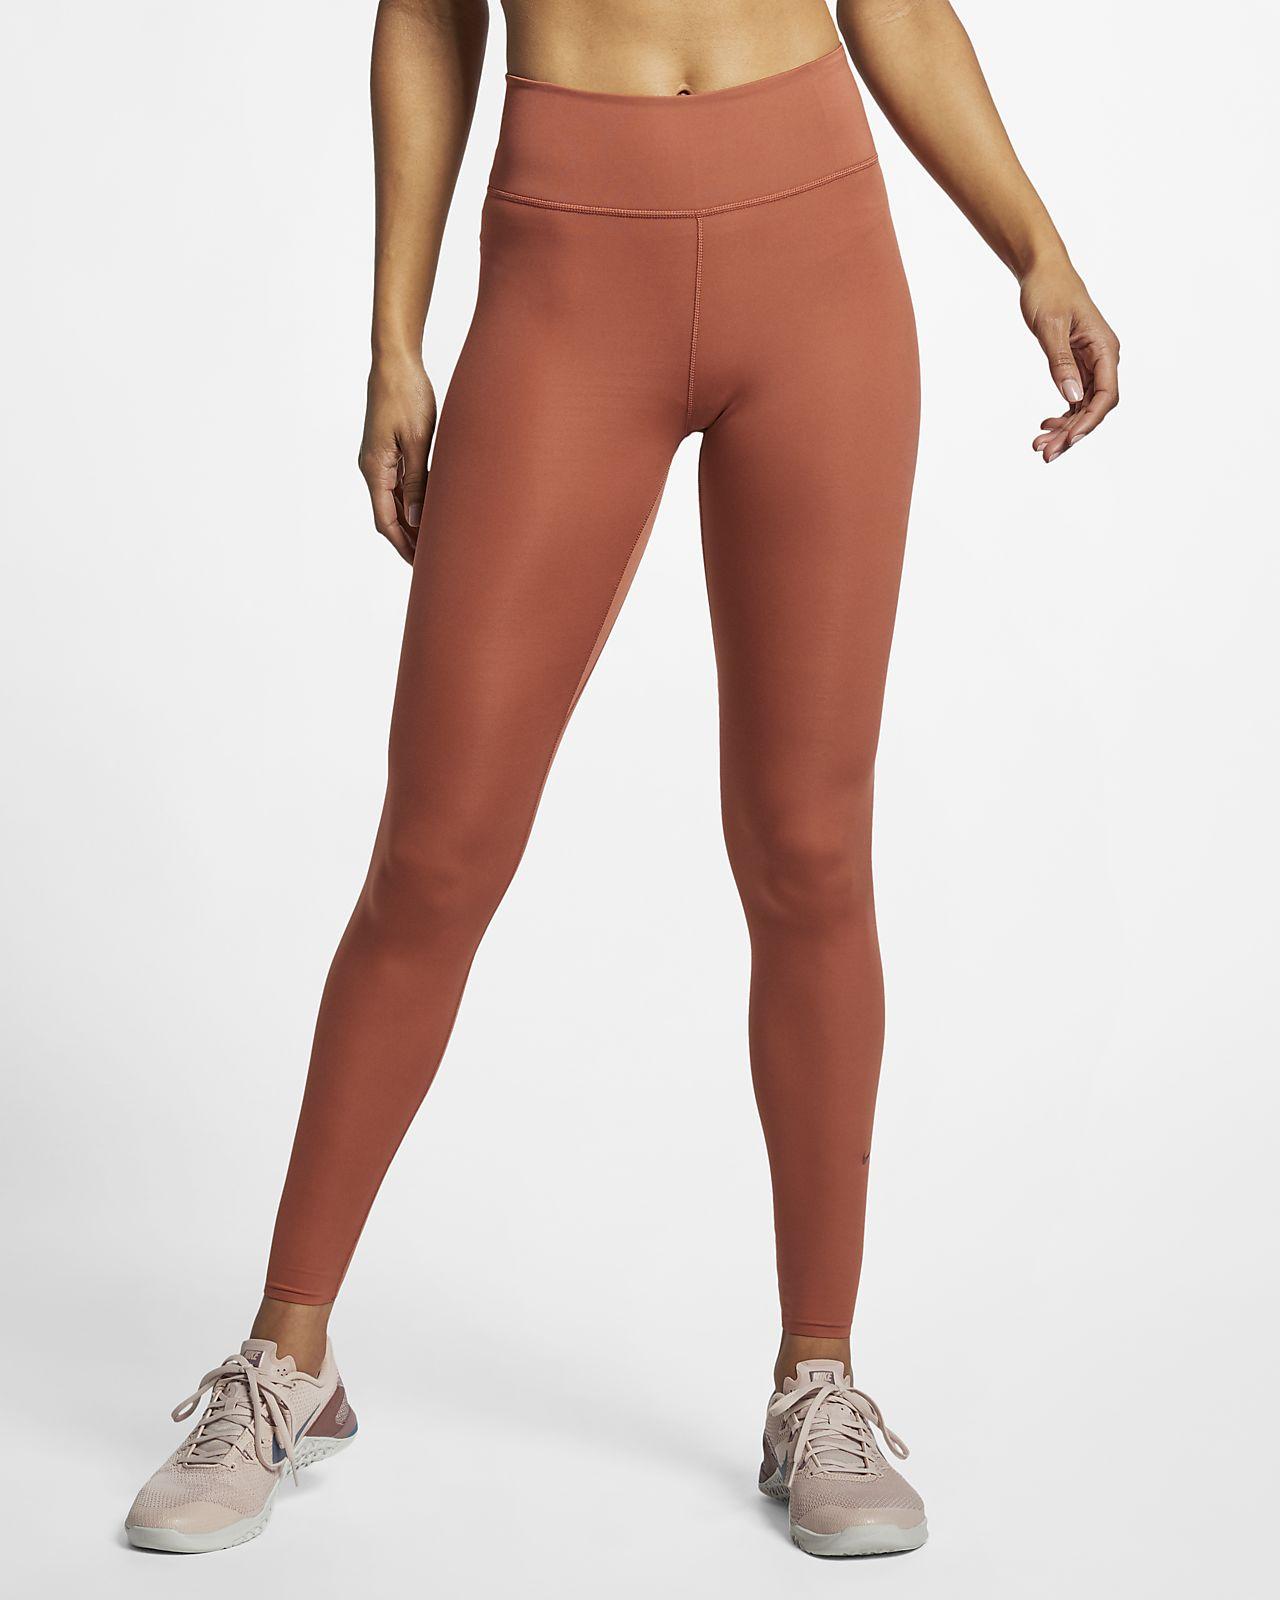 Γυναικείο μεσοκάβαλο κολάν Nike One Luxe